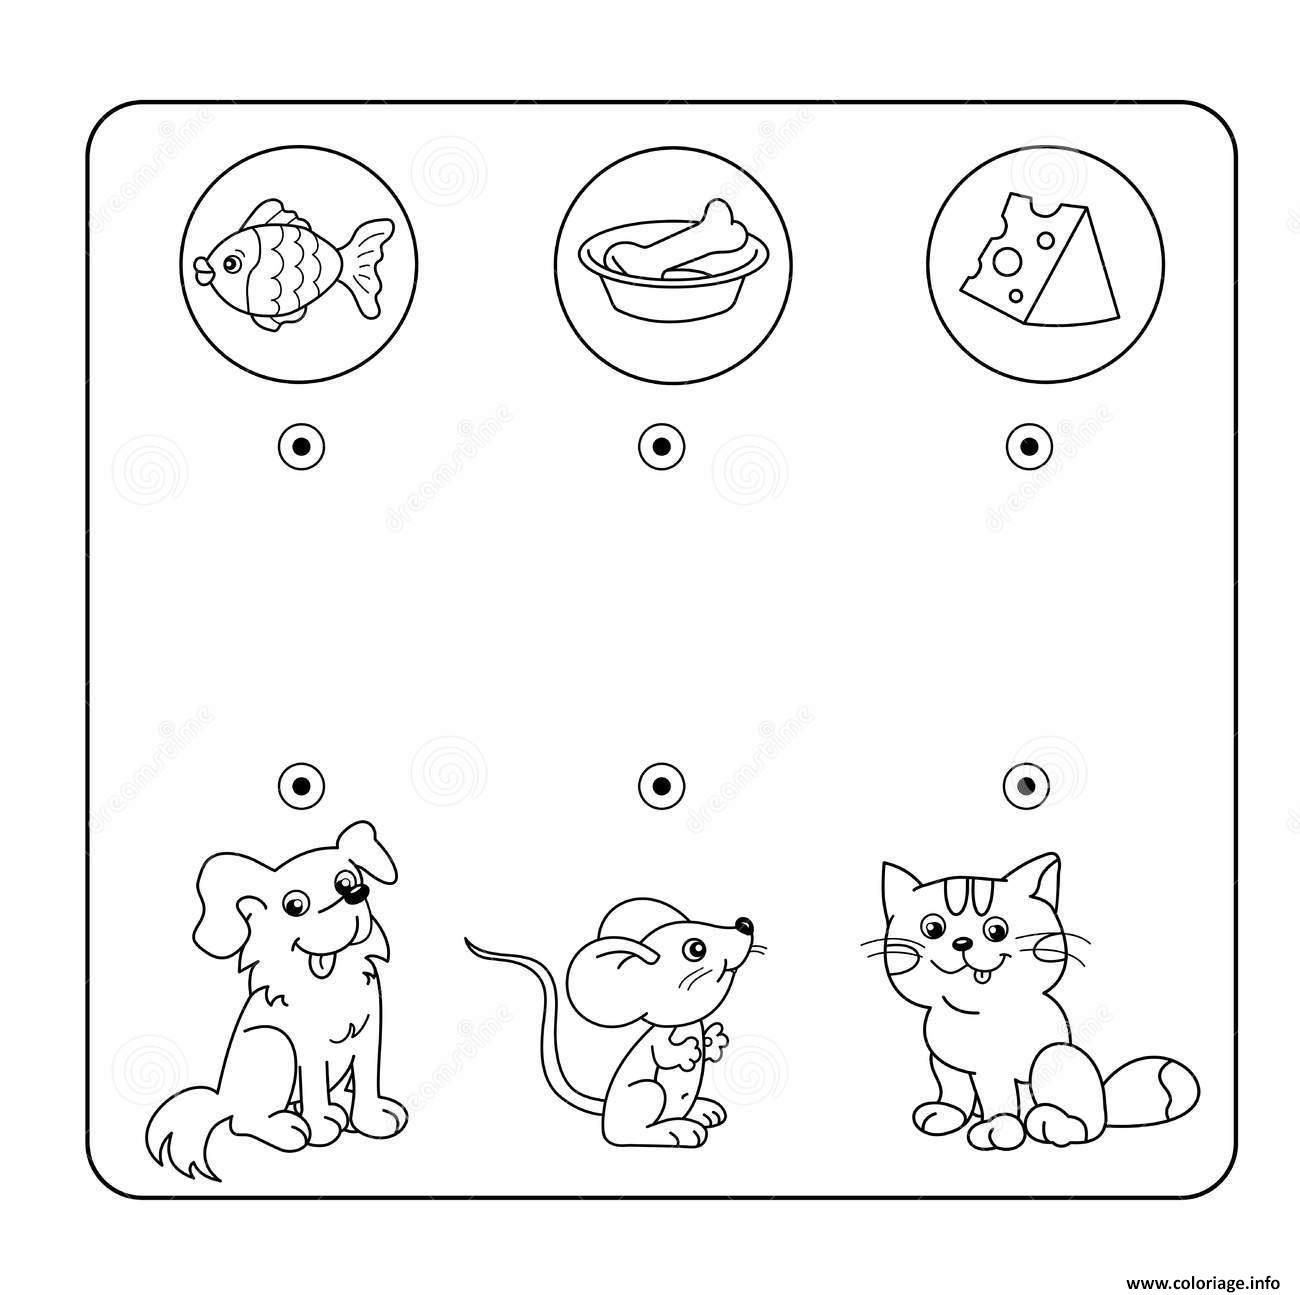 Coloriage Relie Chaque Animal A Son Repas Jeu A Imprimer dessin